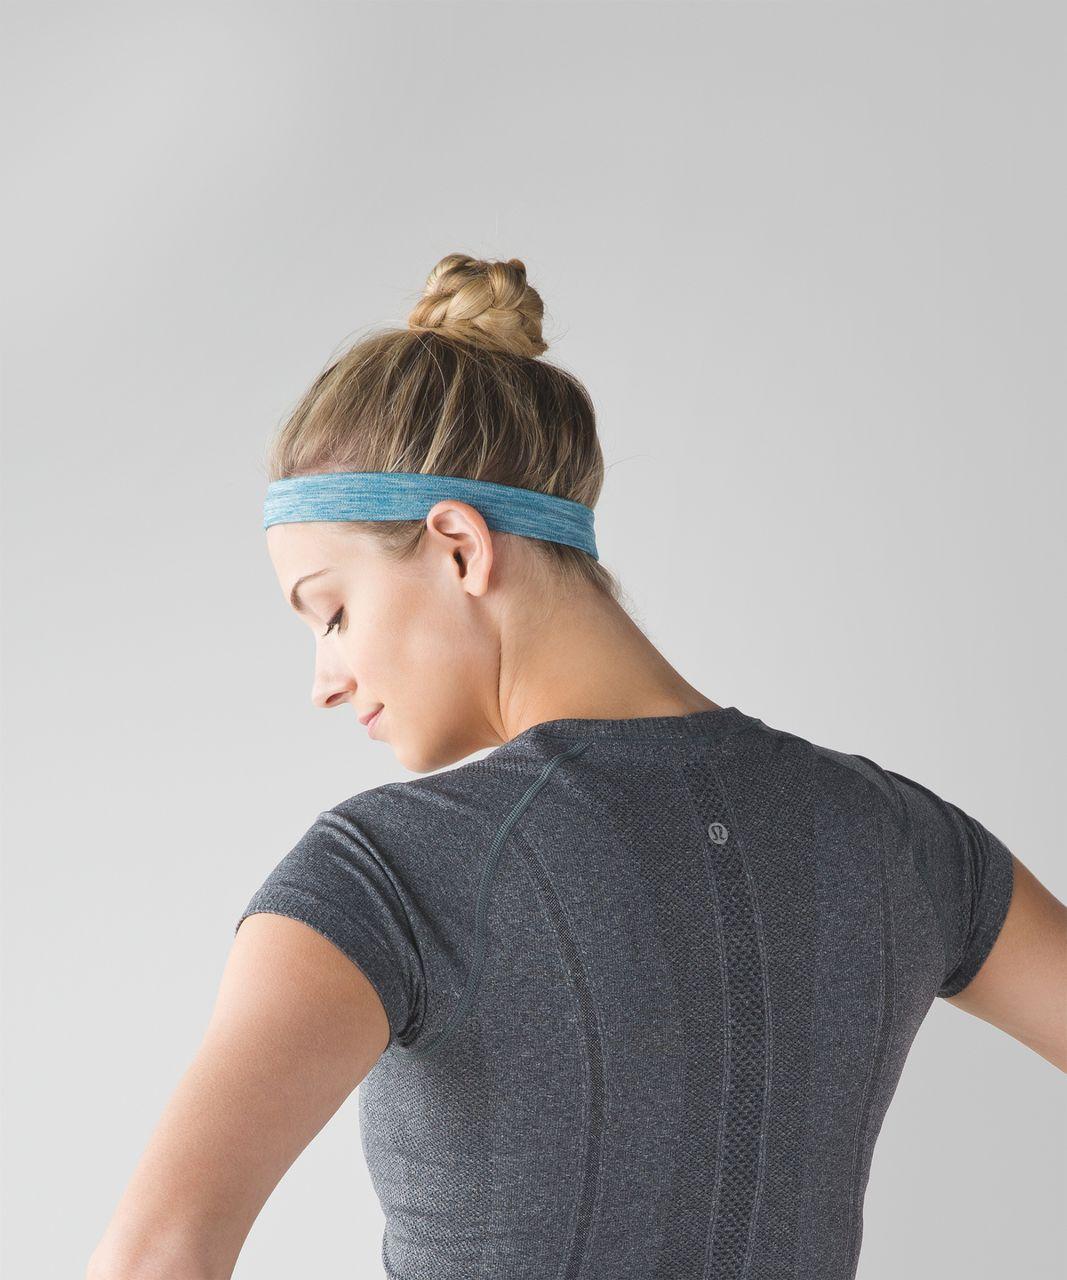 Lululemon Cardio Cross Trainer Headband - Heathered Tofino Teal